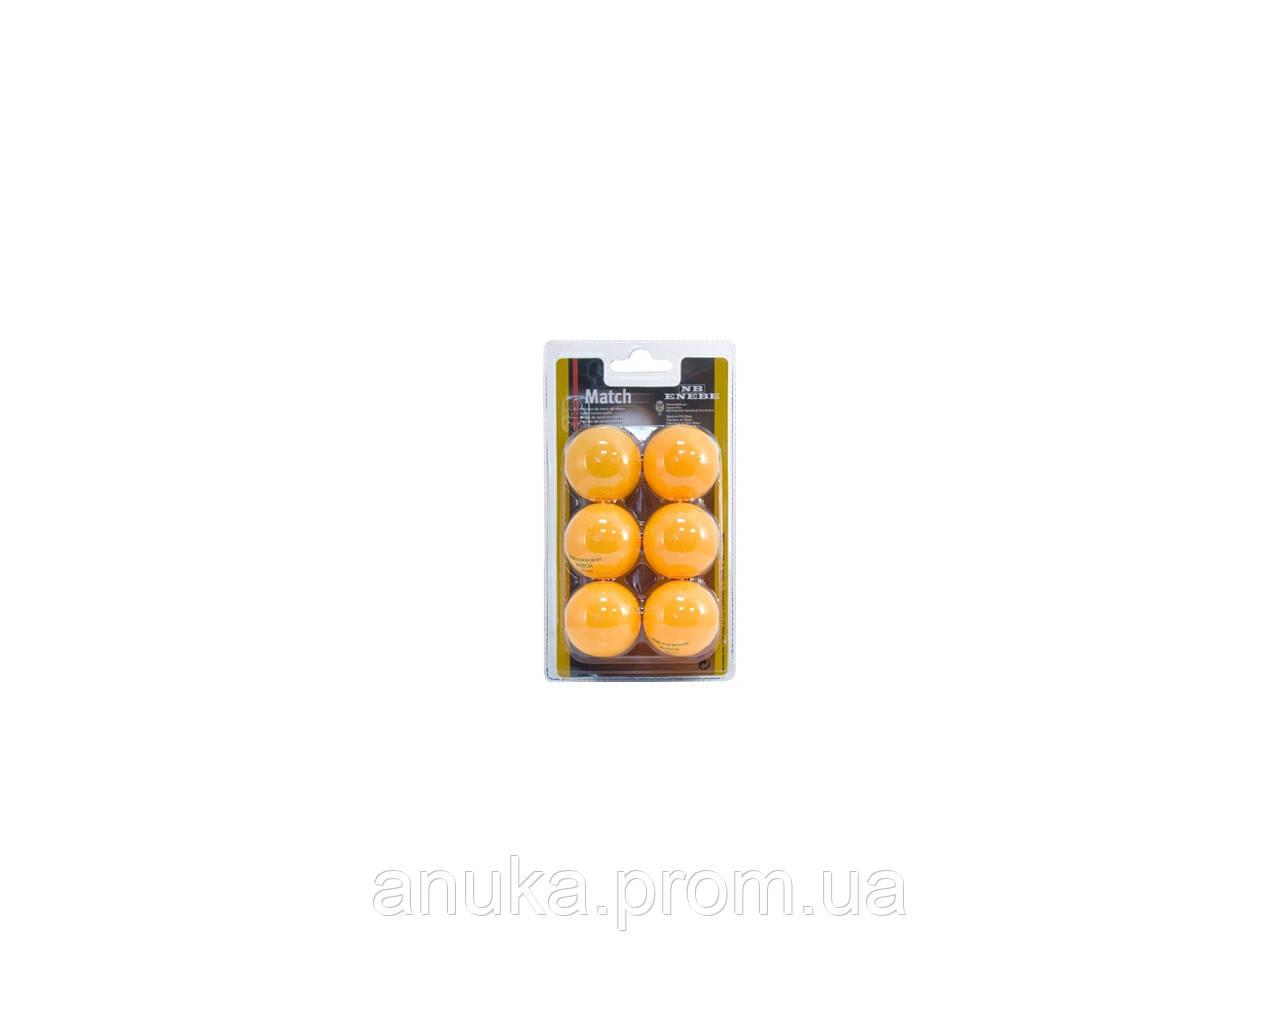 Мячики для тенниса Enebe 6шт Match оранживые